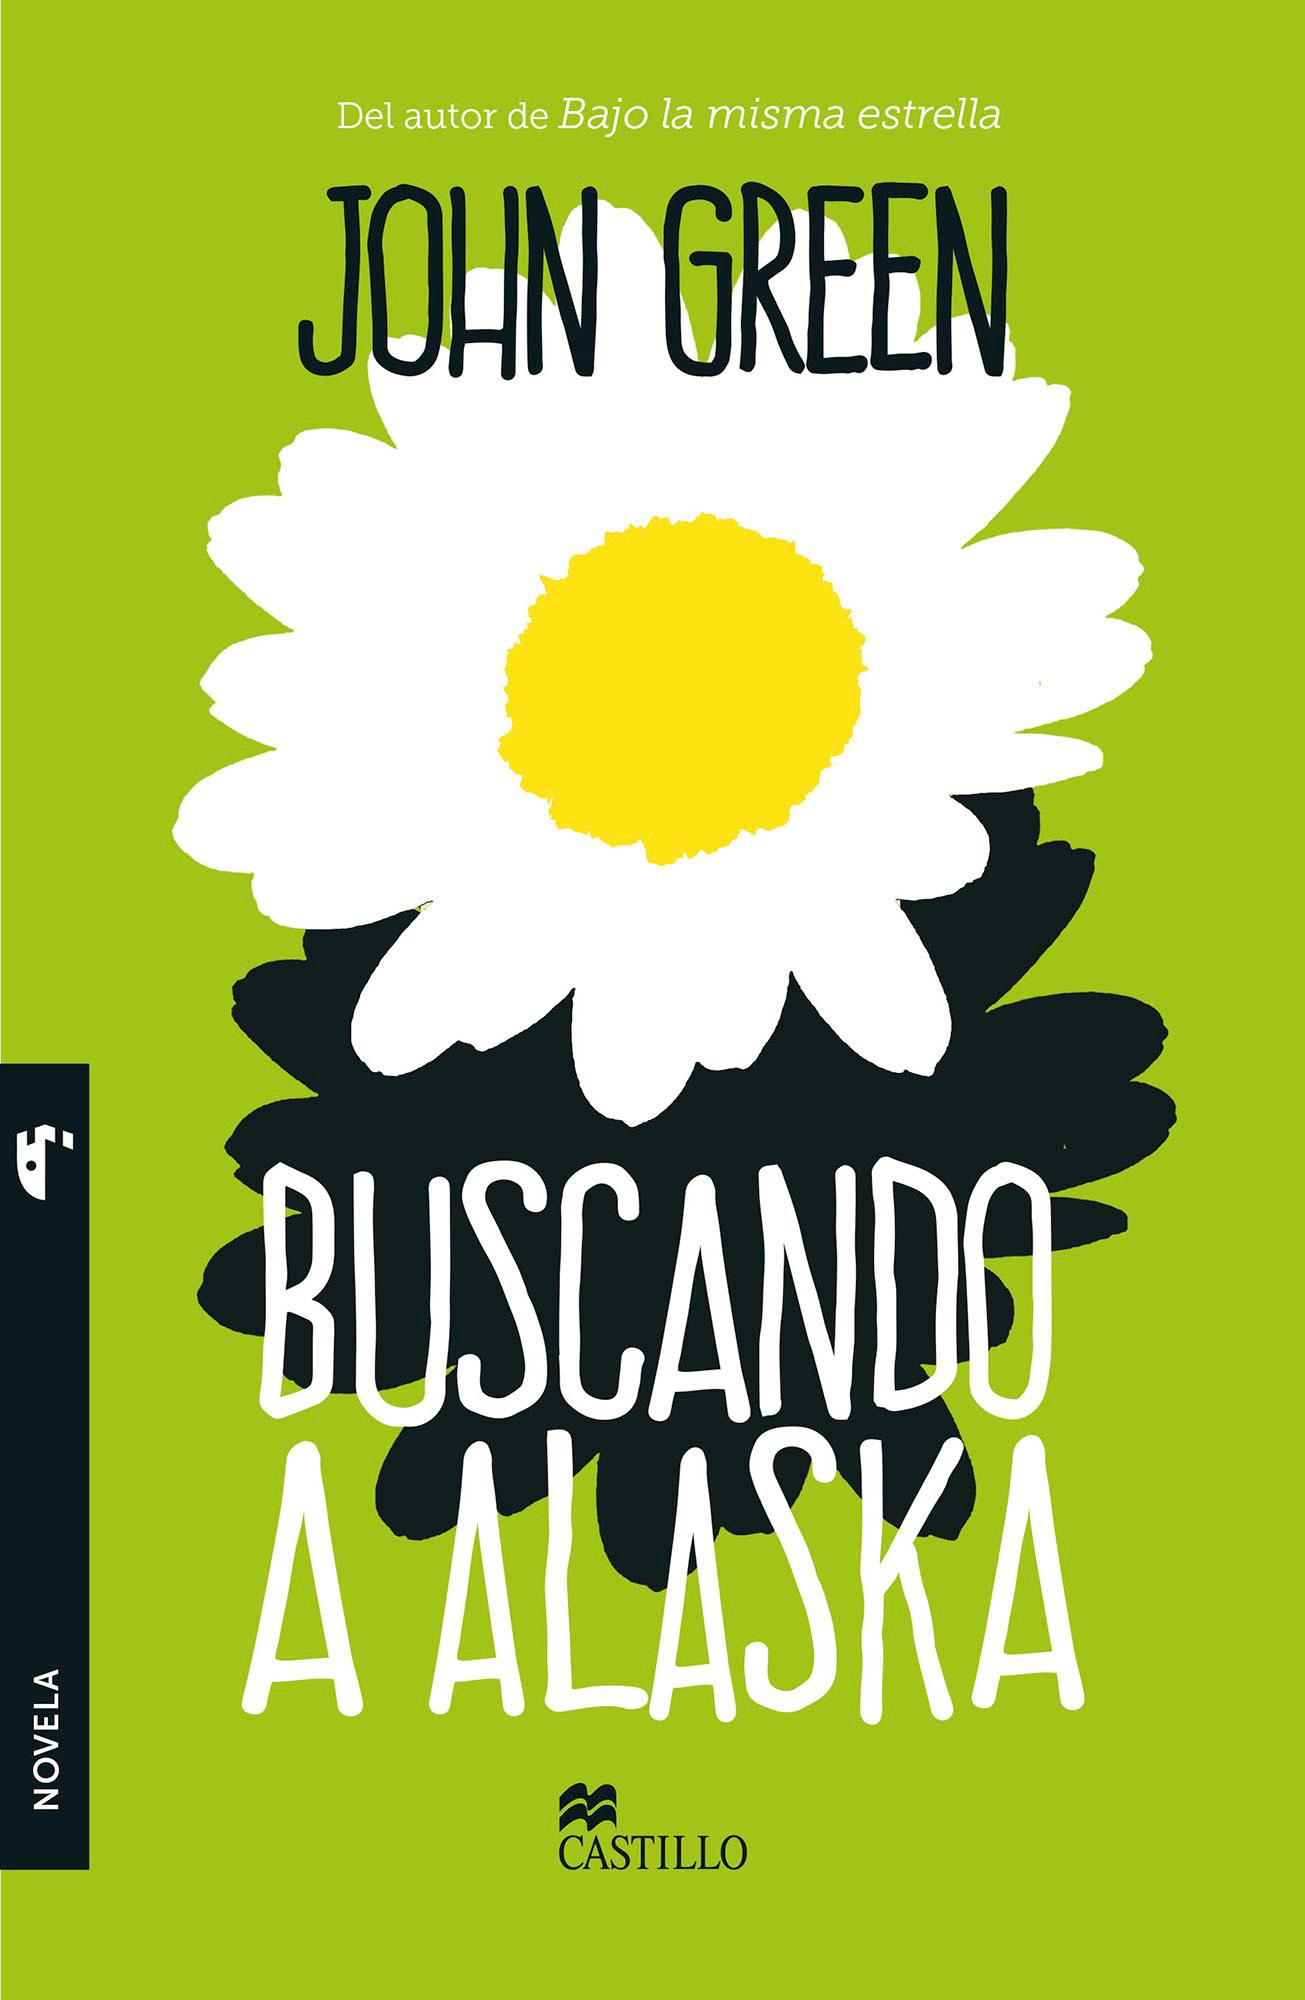 Buscando a Alaska (John Green)